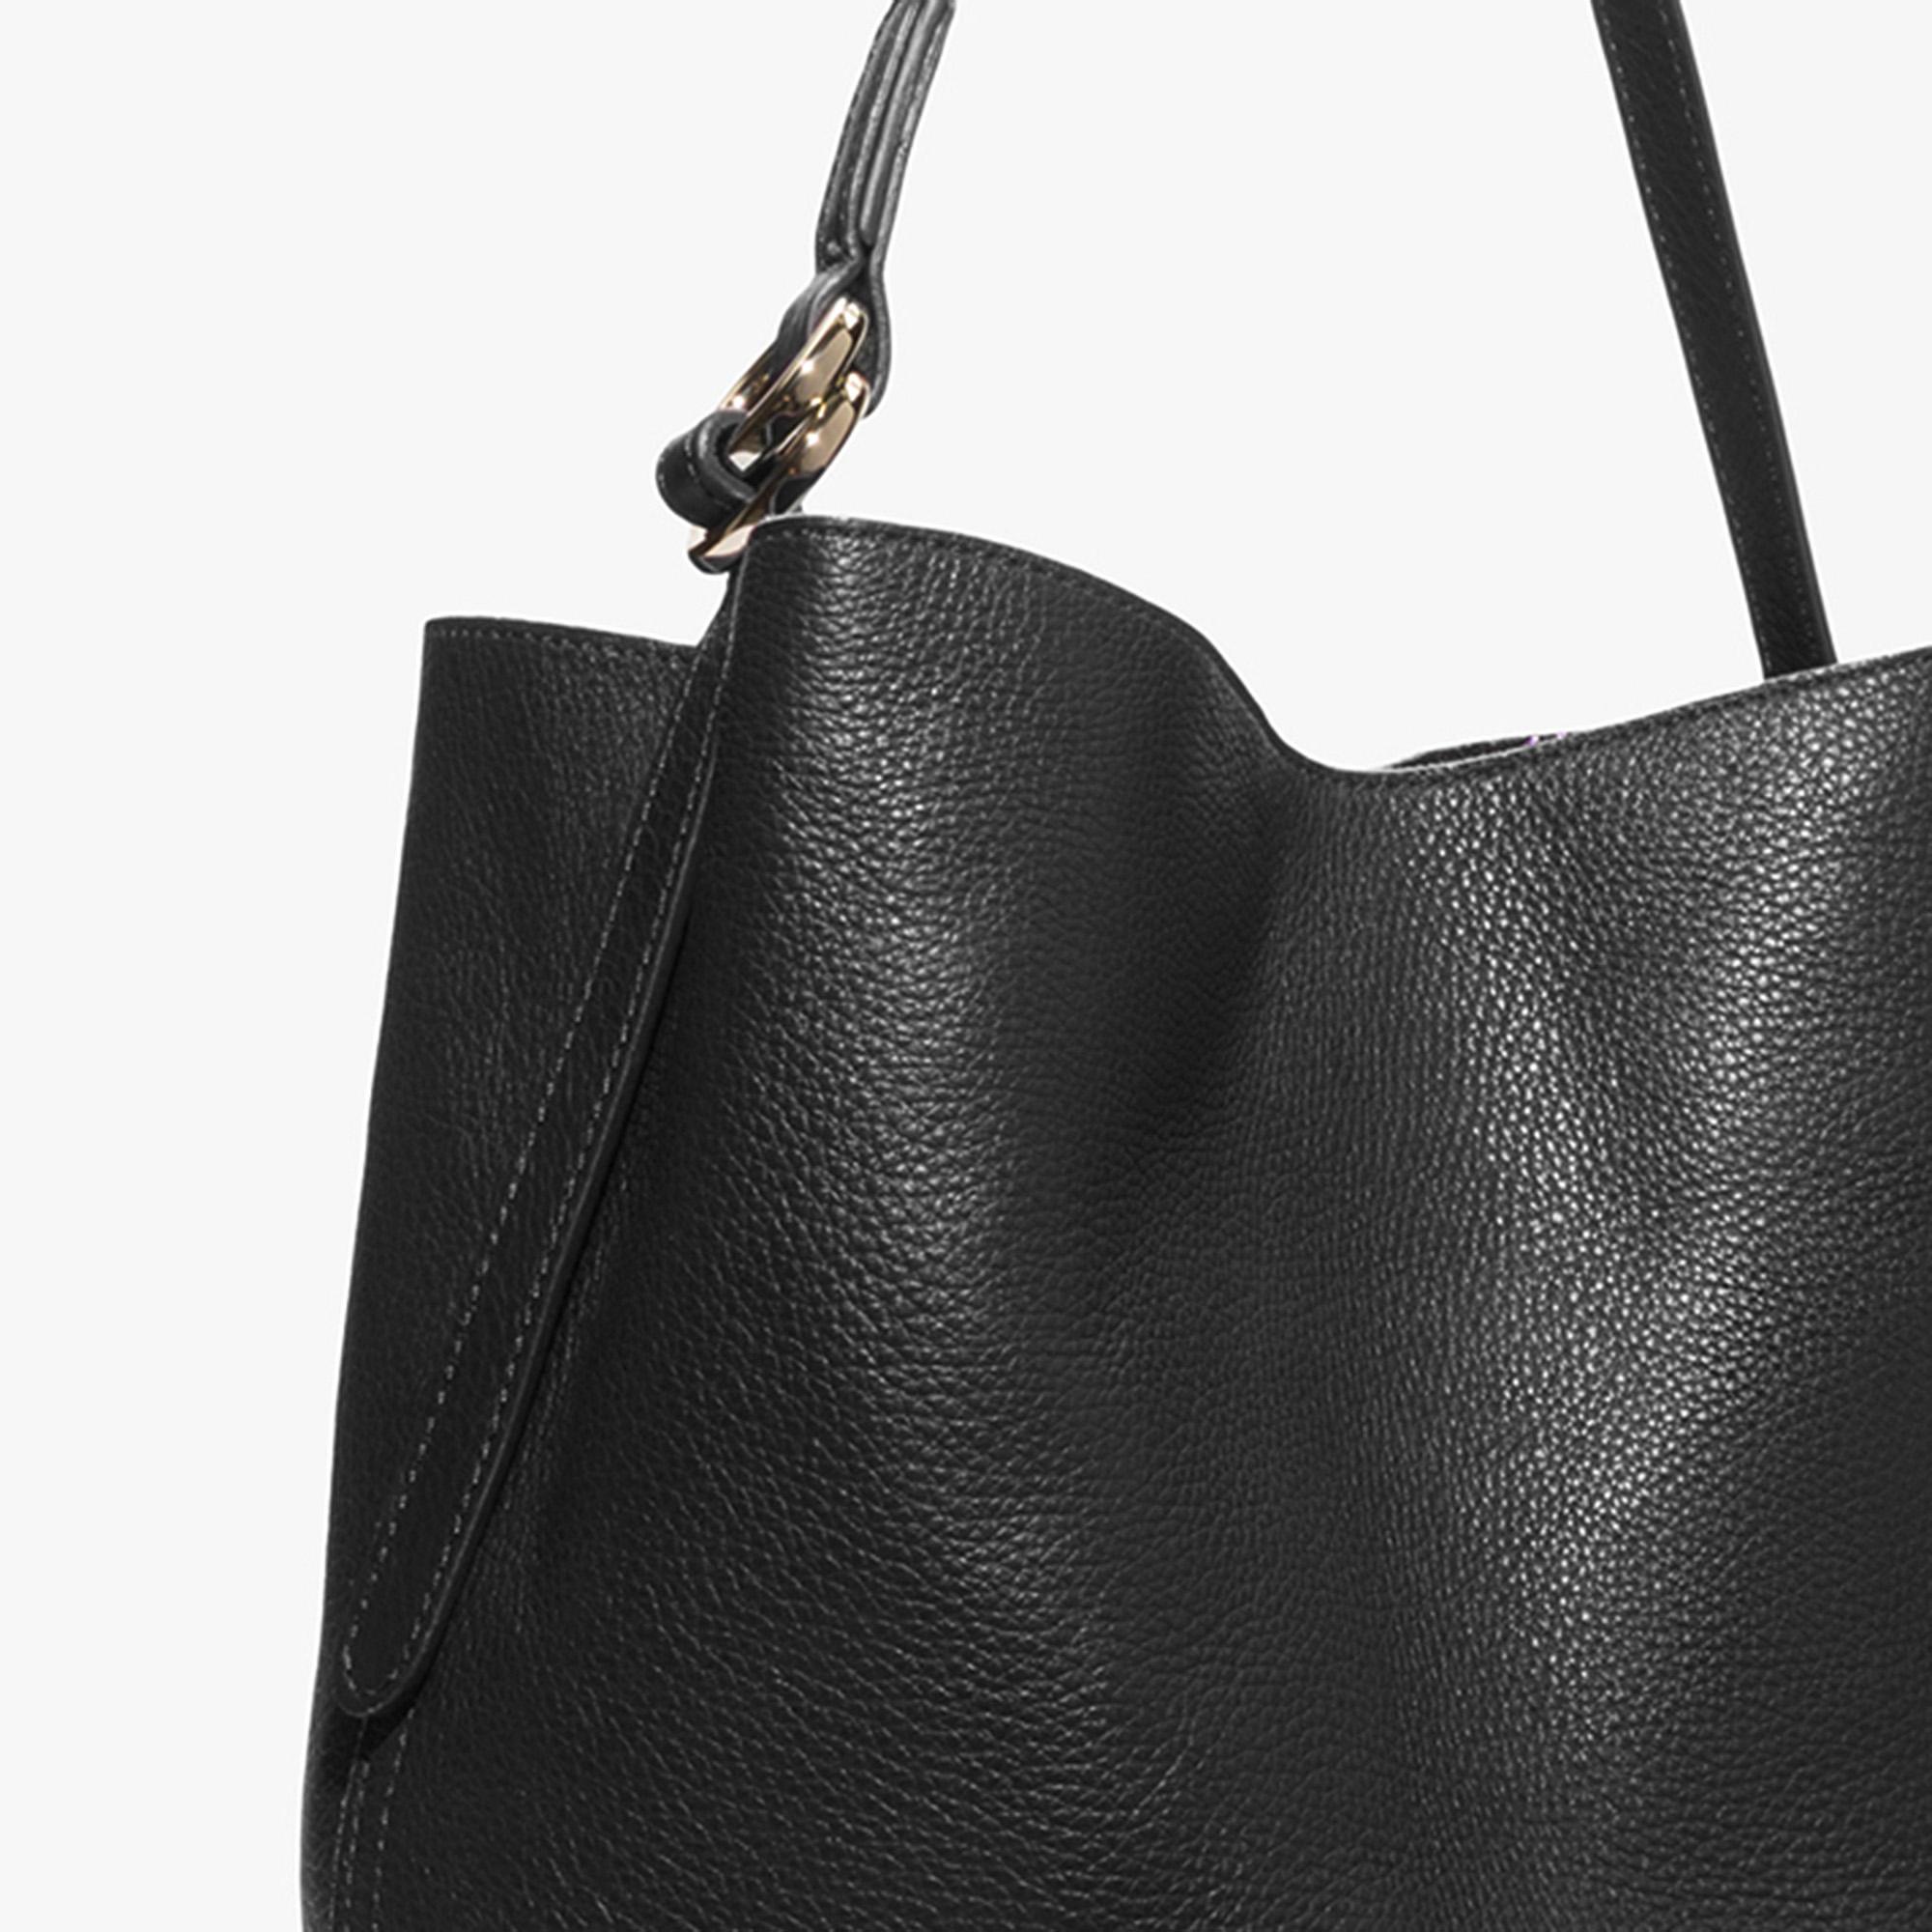 Davon leather hobo bag